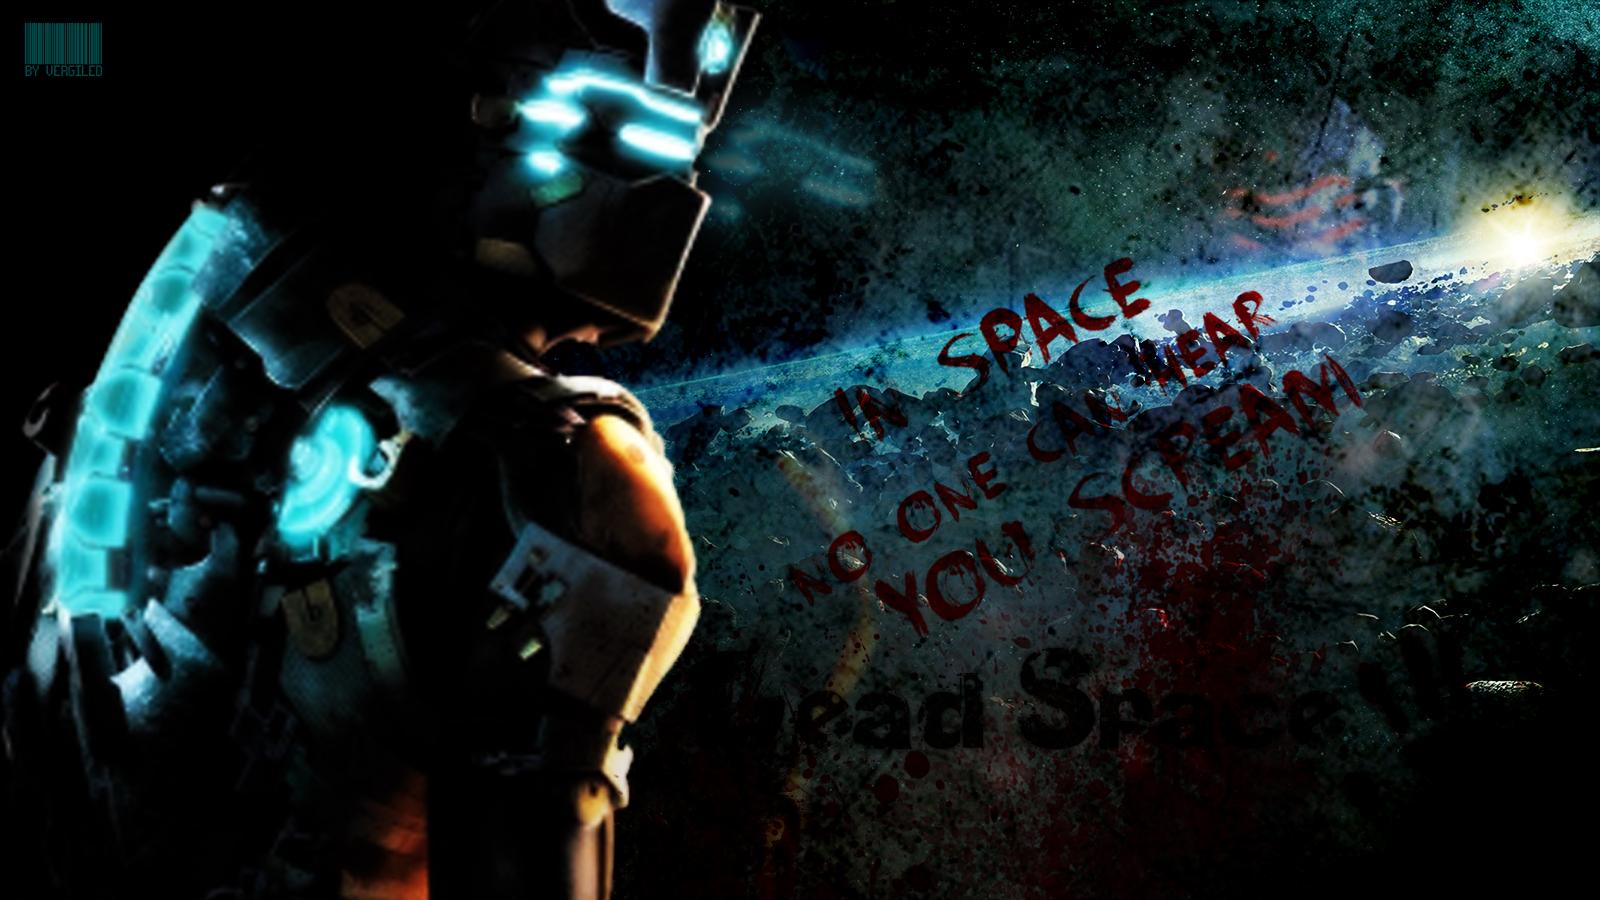 Dead-Space-3-Wallpaper-by-Vergiled.jpg